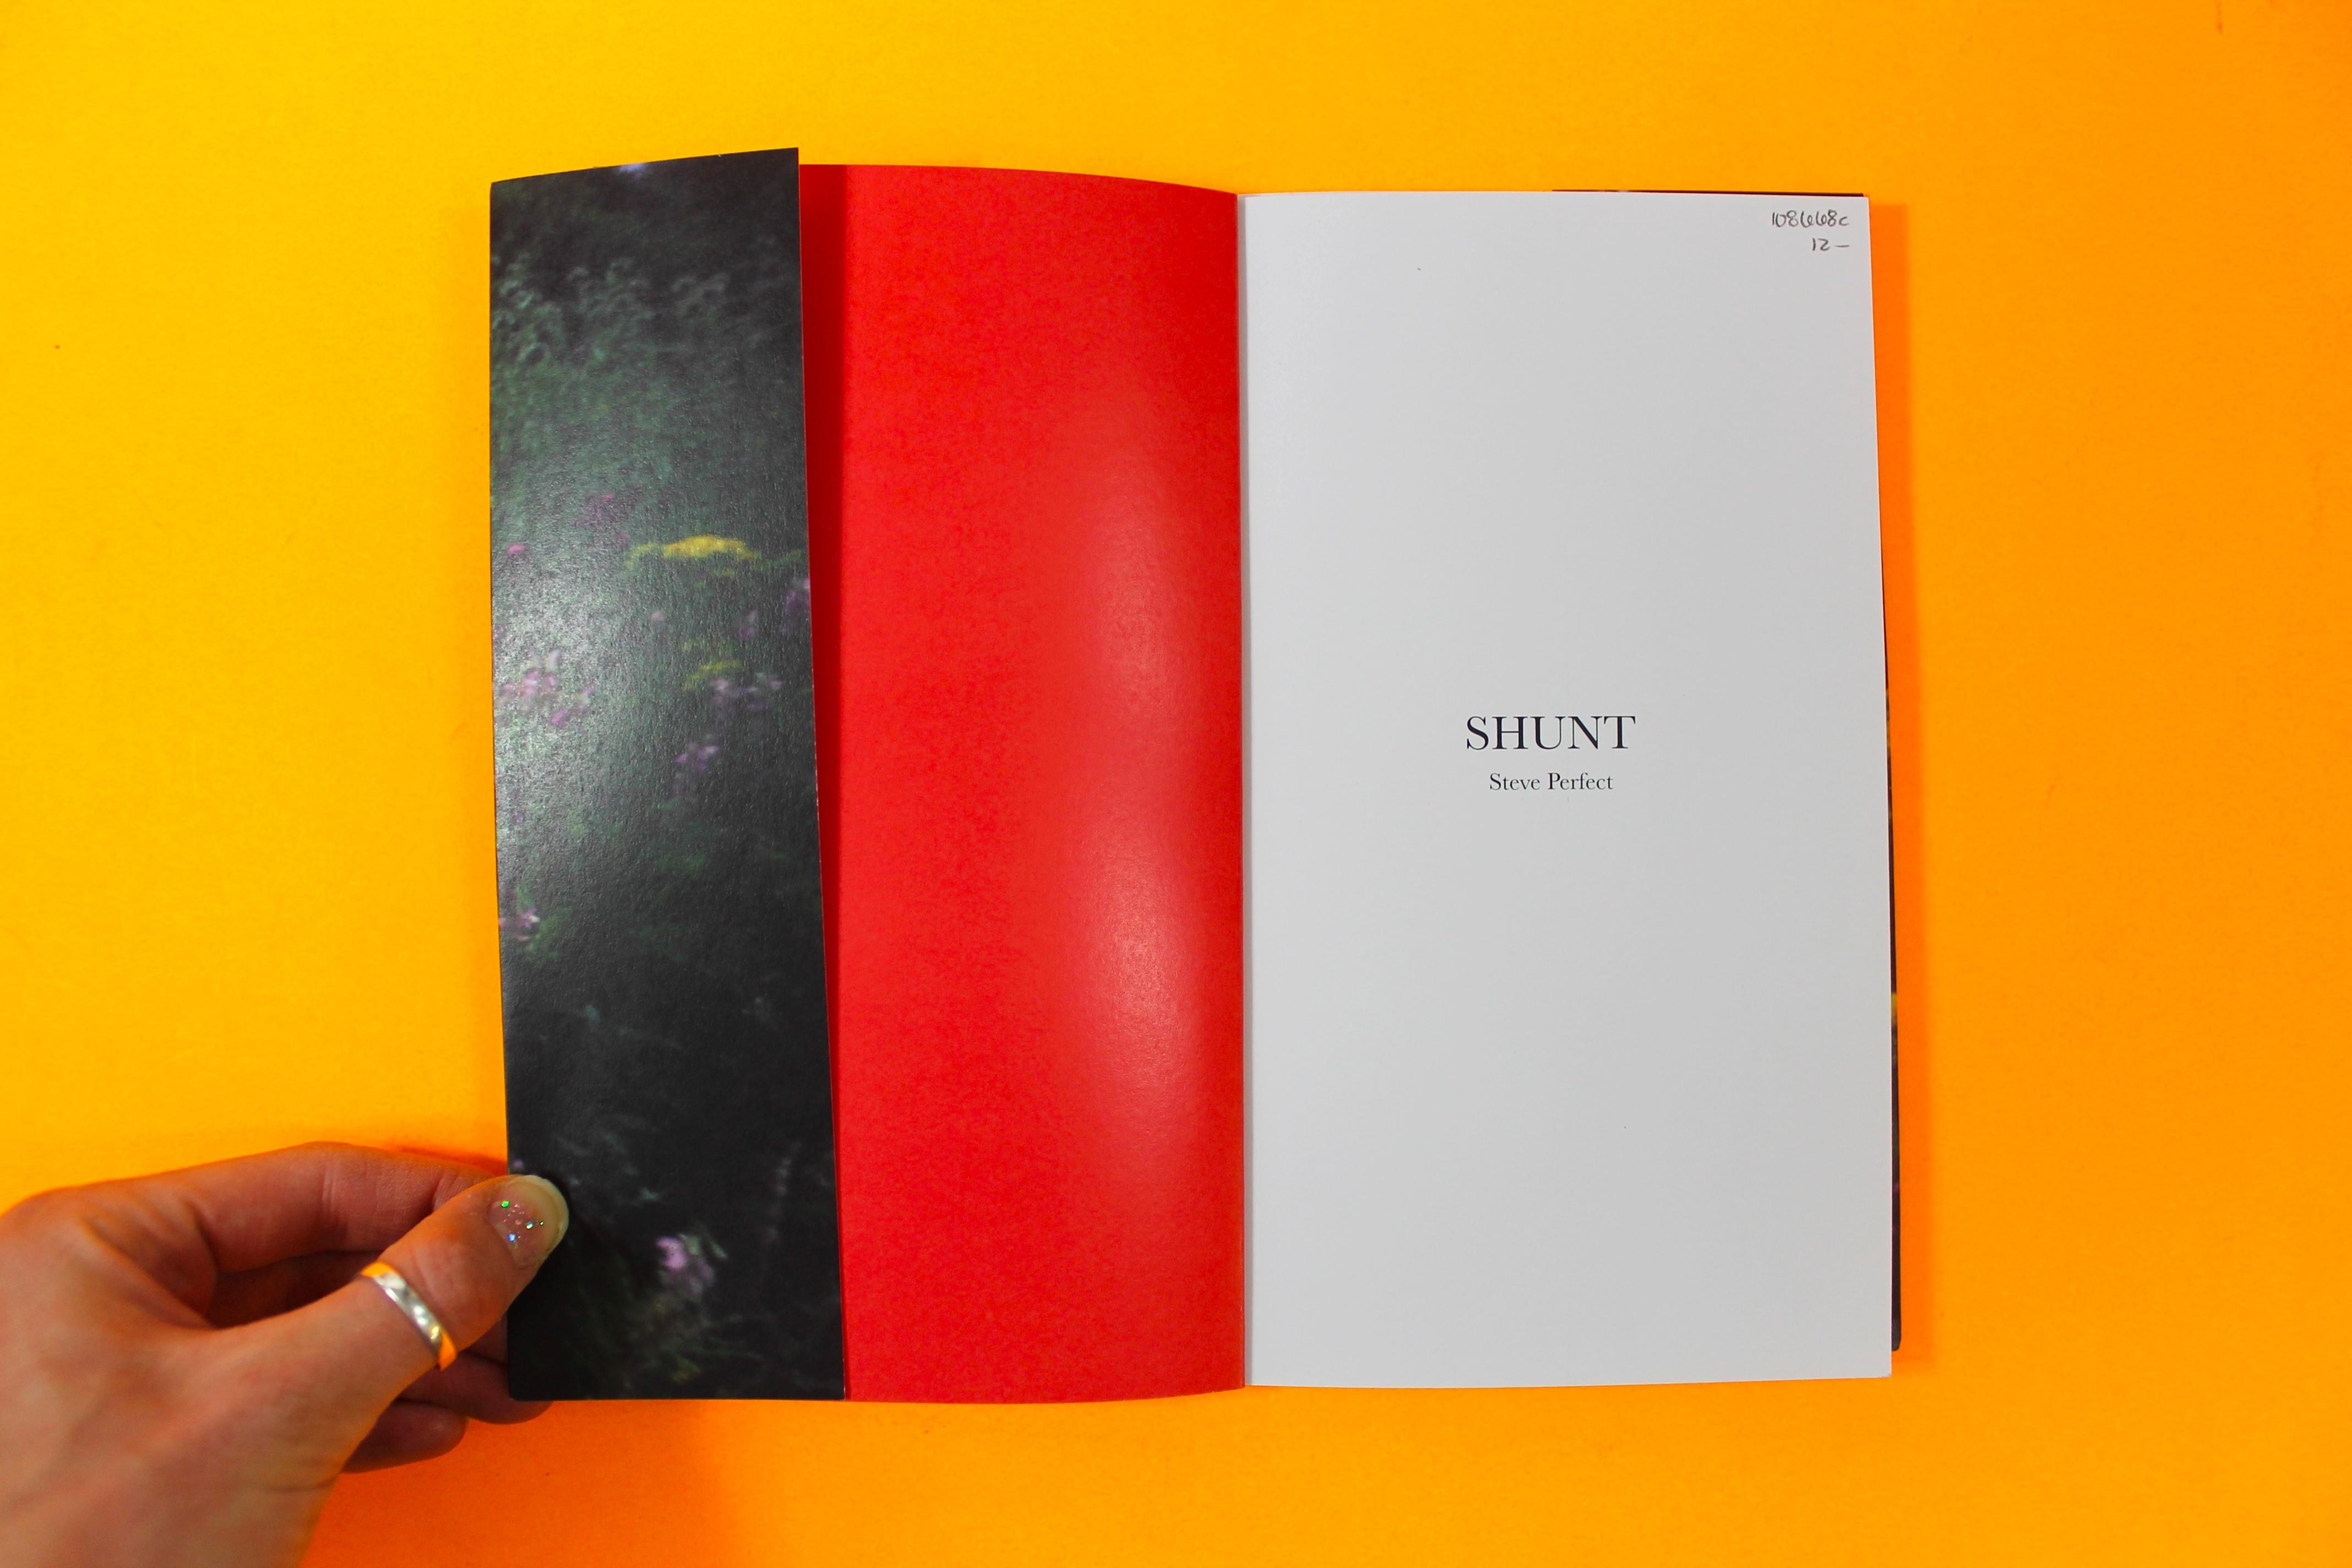 shunt book